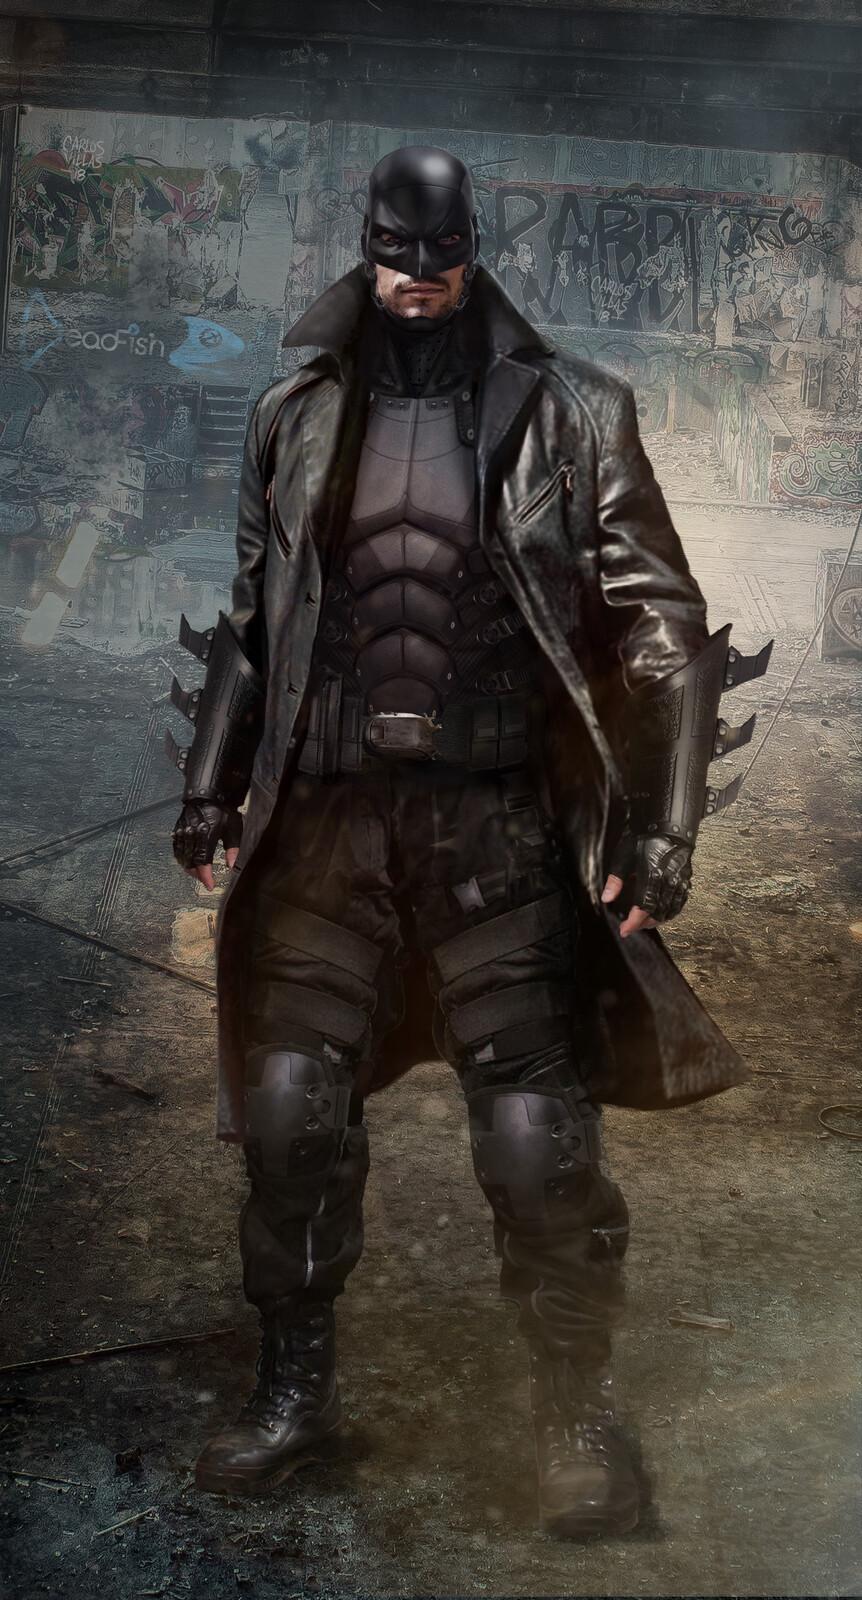 BATMAN SUIT CONCEPT FOR TV SERIES